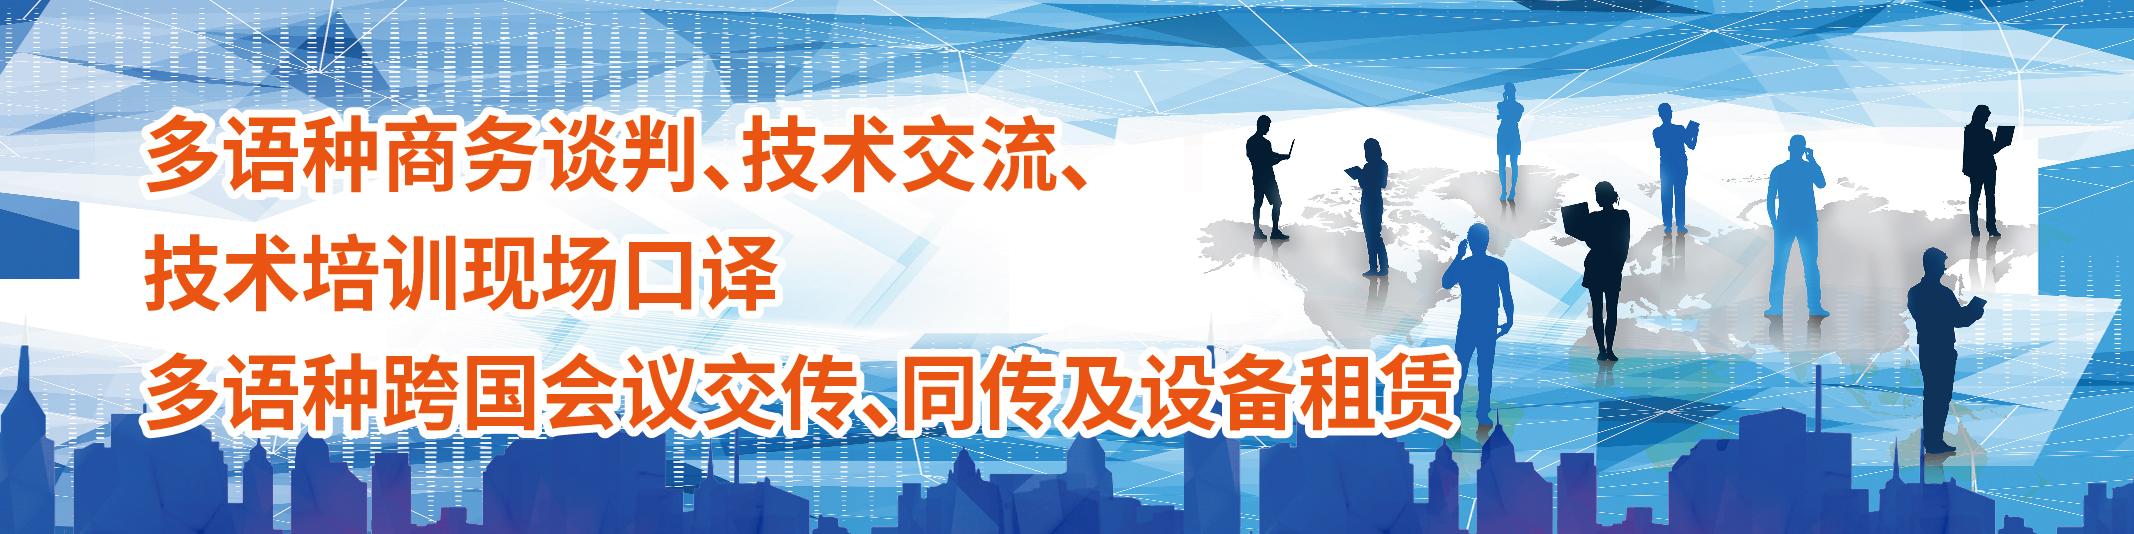 无锡太湖翻译有限公司